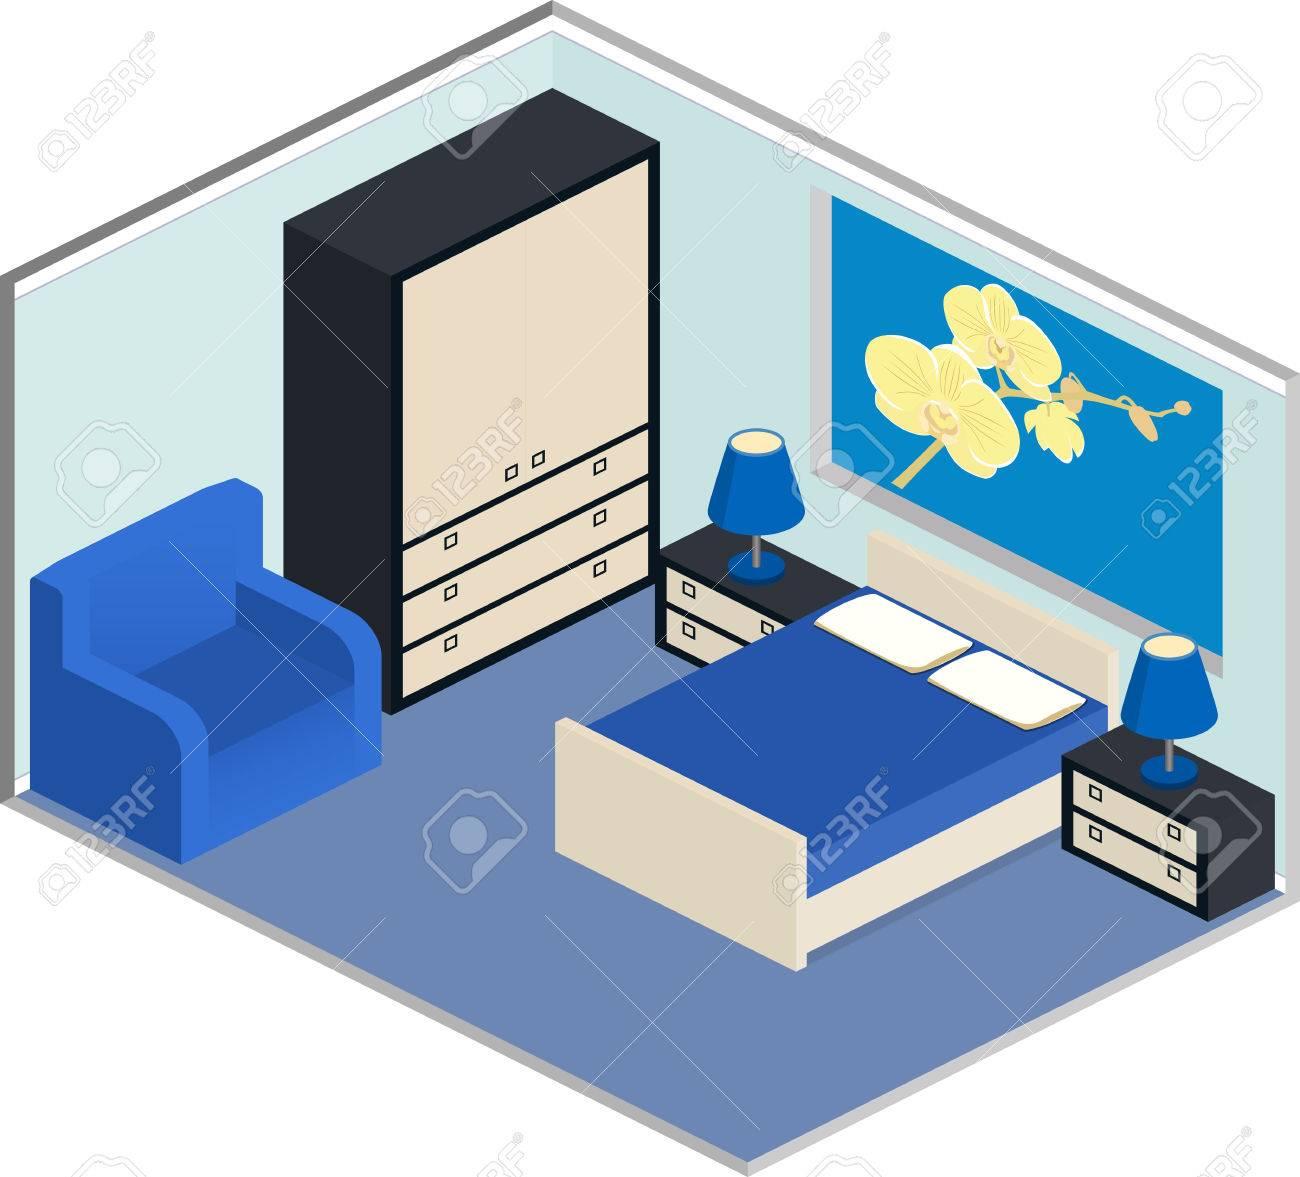 modernes interieur design farben, modernes design der gemütlichen schlafzimmer mit möbeln. interior in, Design ideen